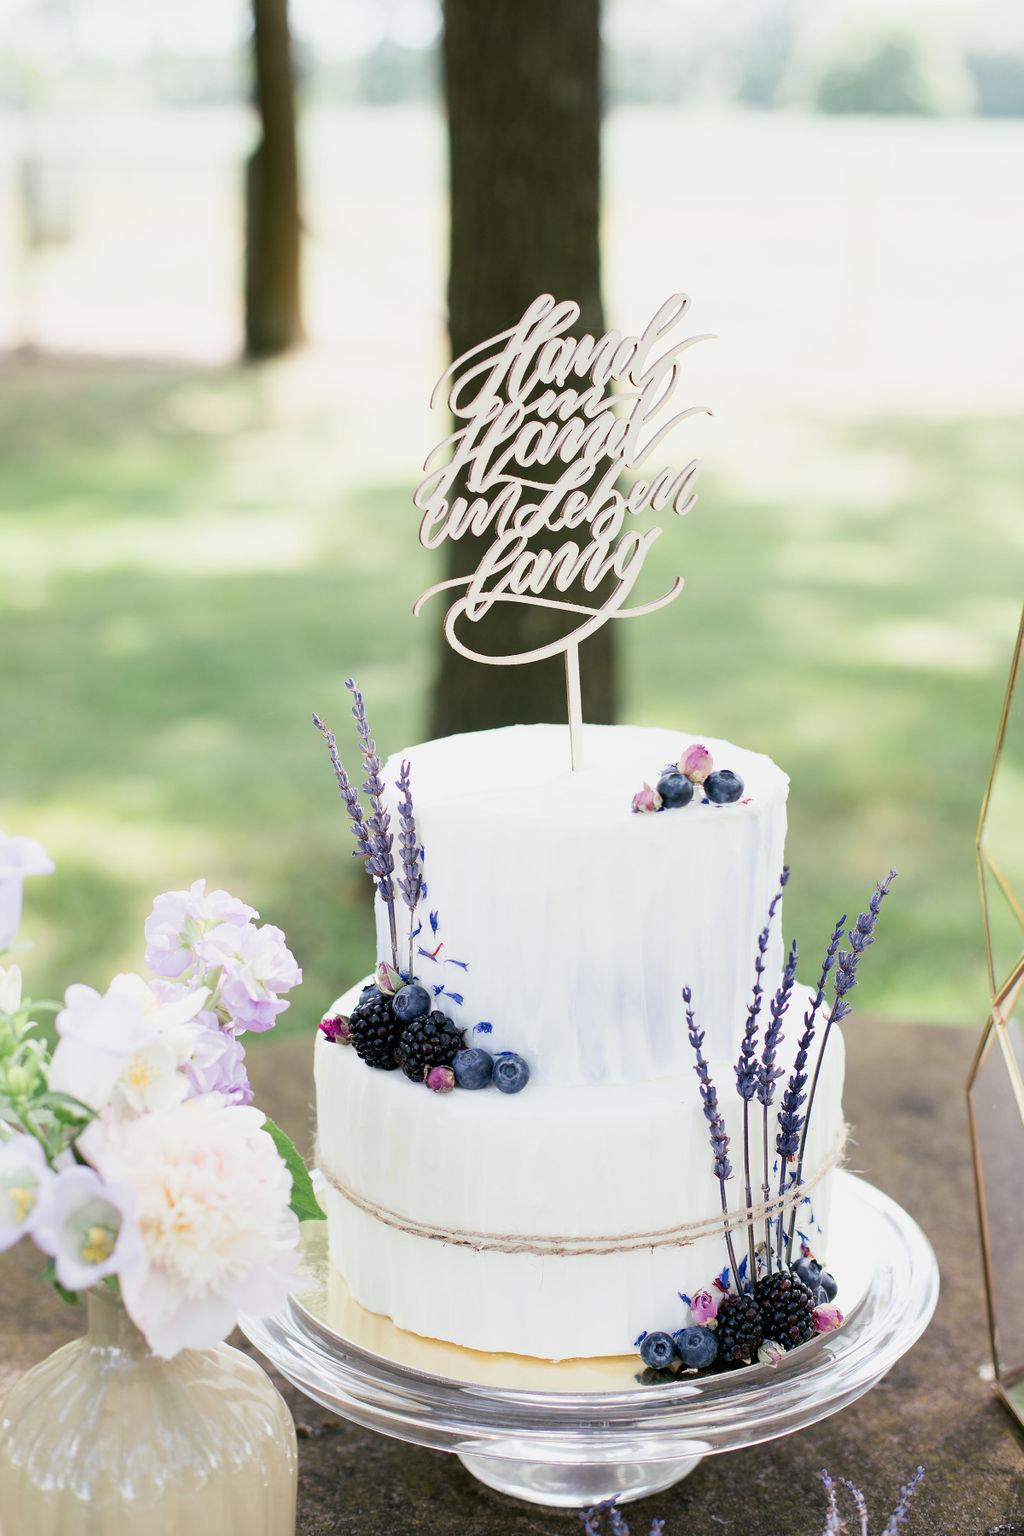 Cake Topper Hochzeit Hand in Hand ein Leben lang,